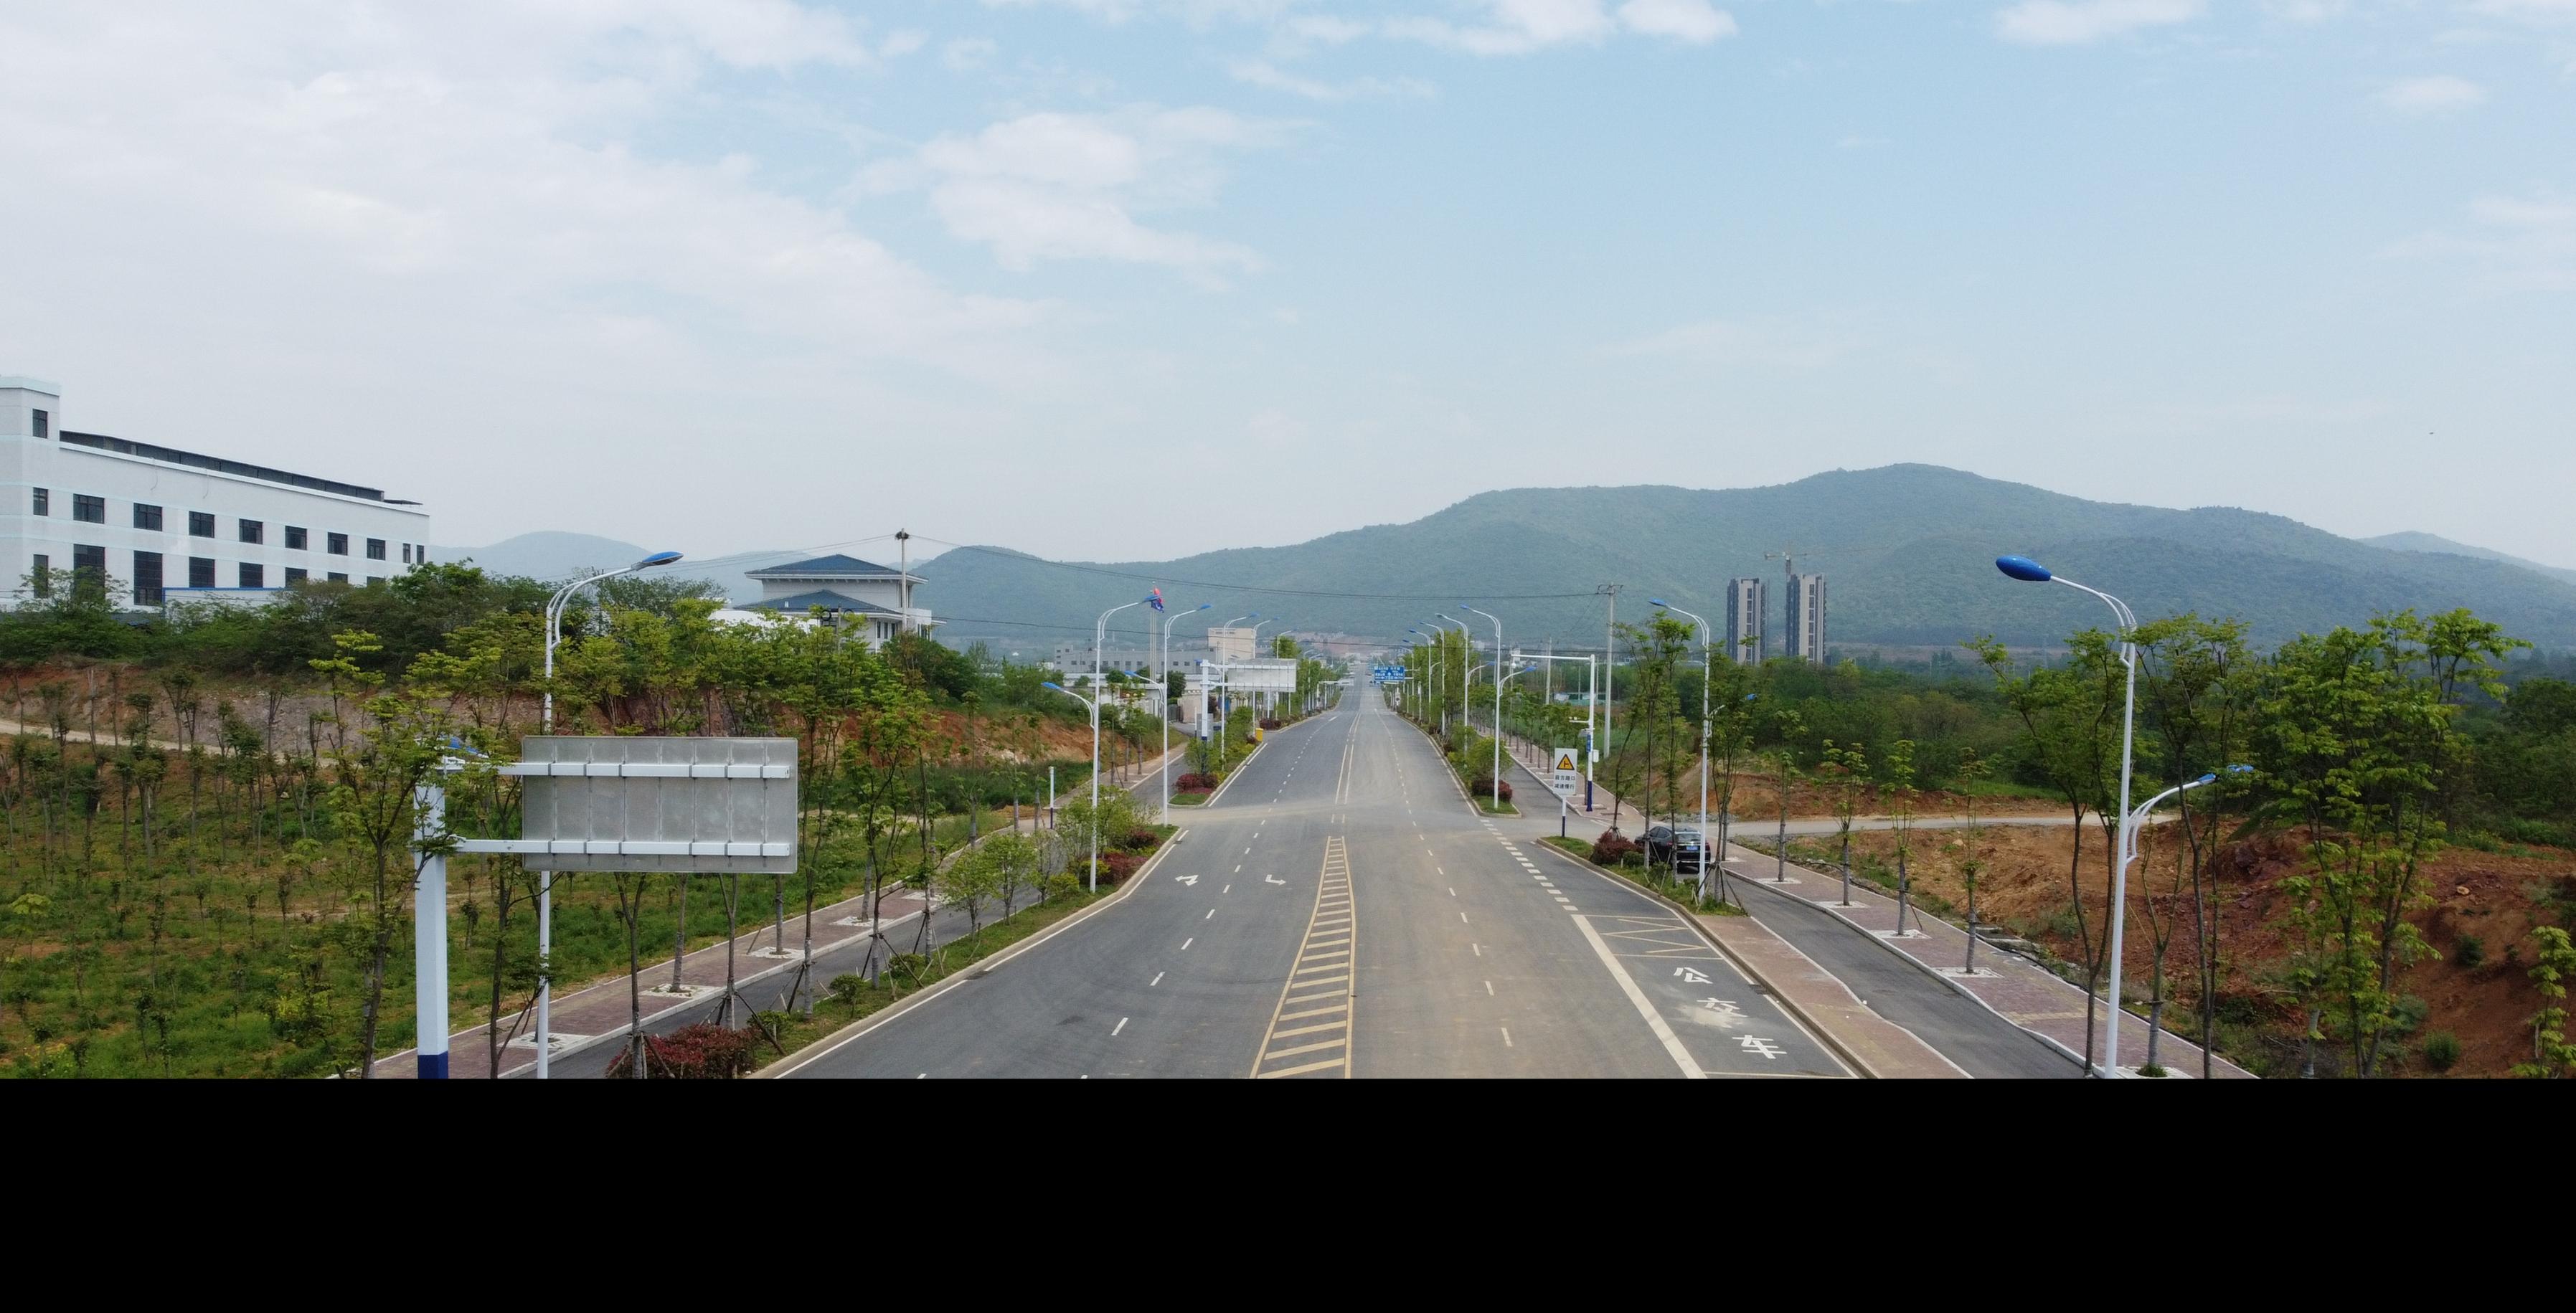 安徽康東建設工程有限公司S105與S208連接線線工程殷家山路、朝陽山路、平頂山工程